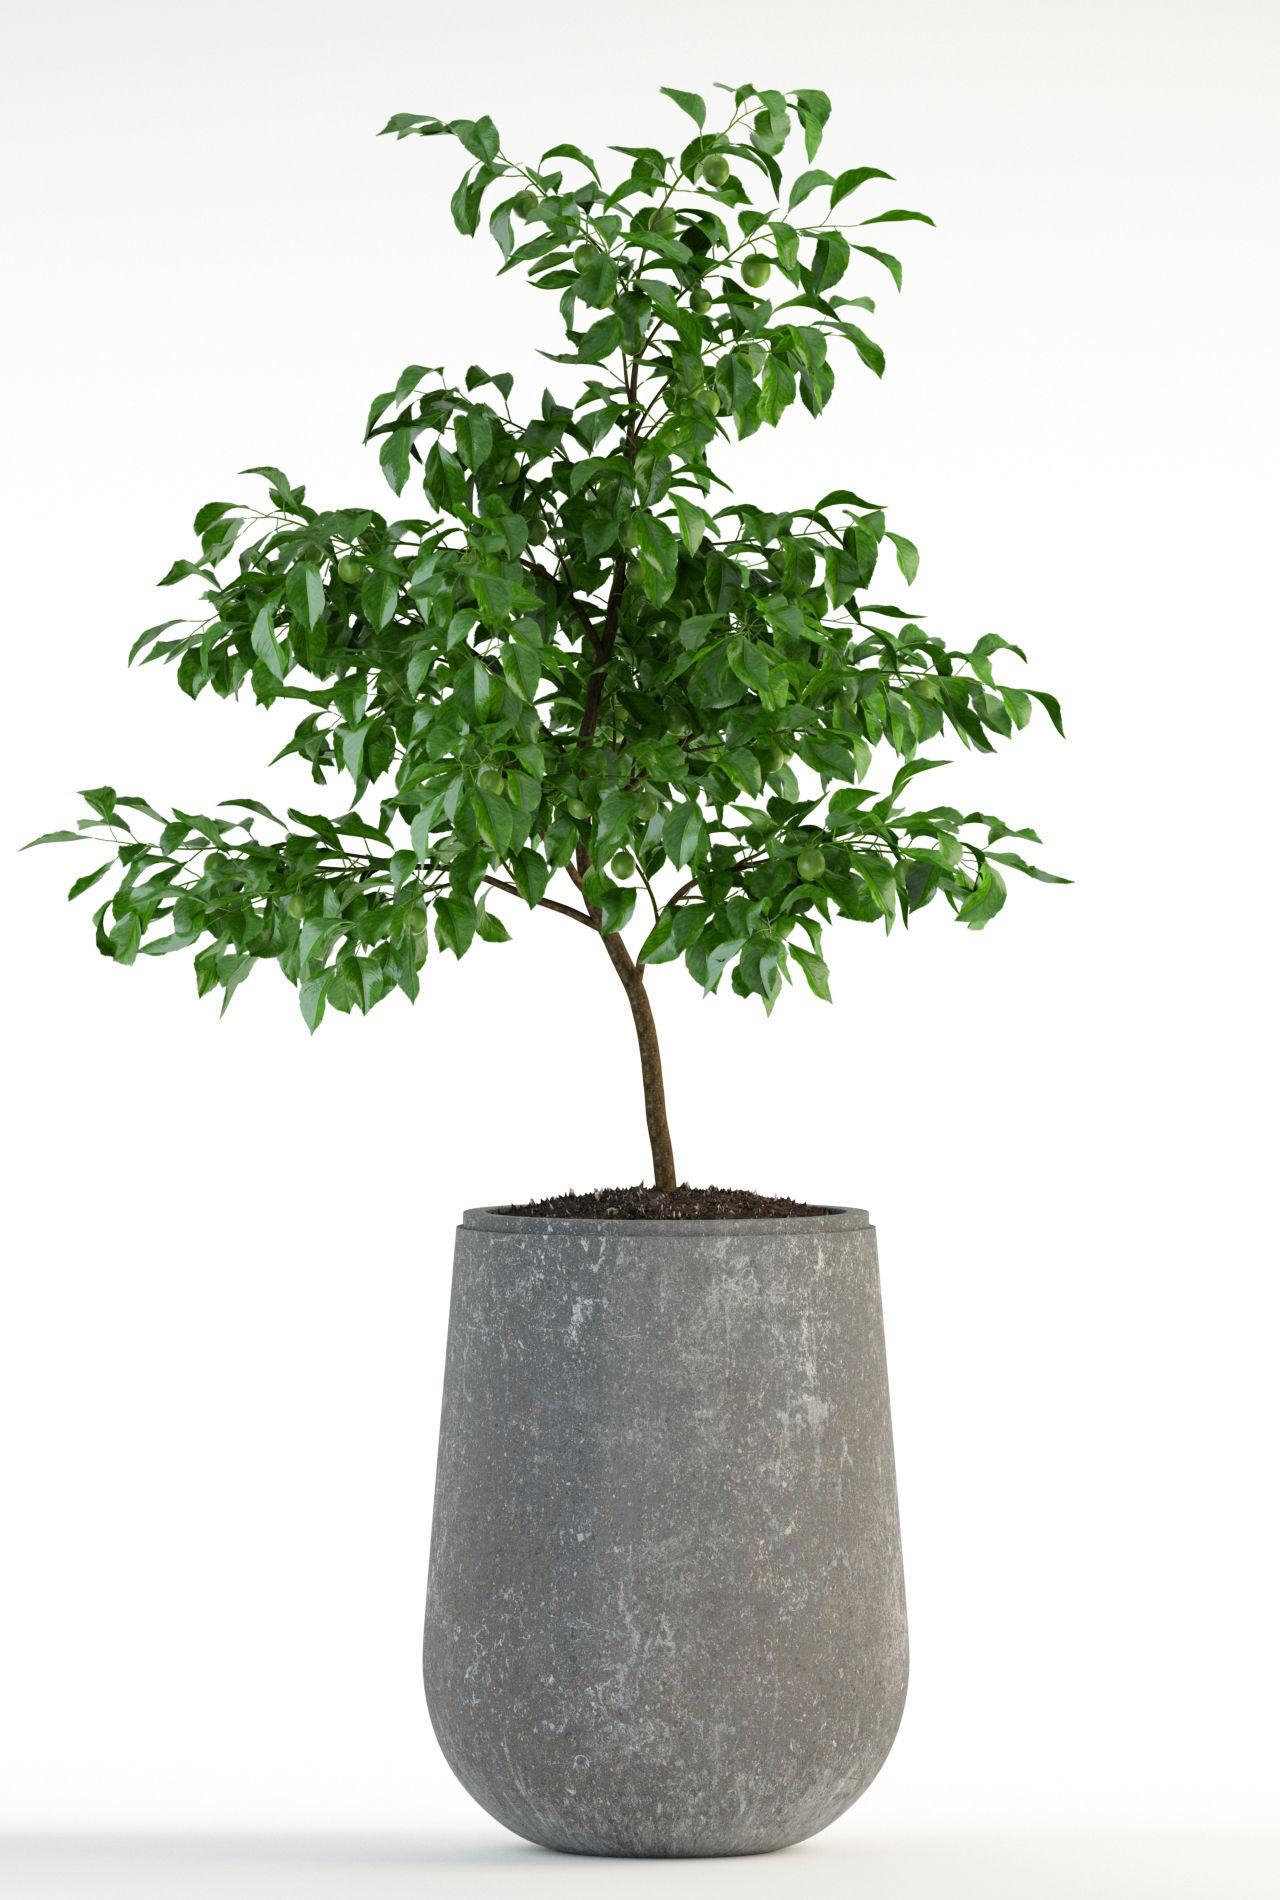 ... Plants Collection 82 Garden Life Pots 3d Model Max Fbx 2 ...